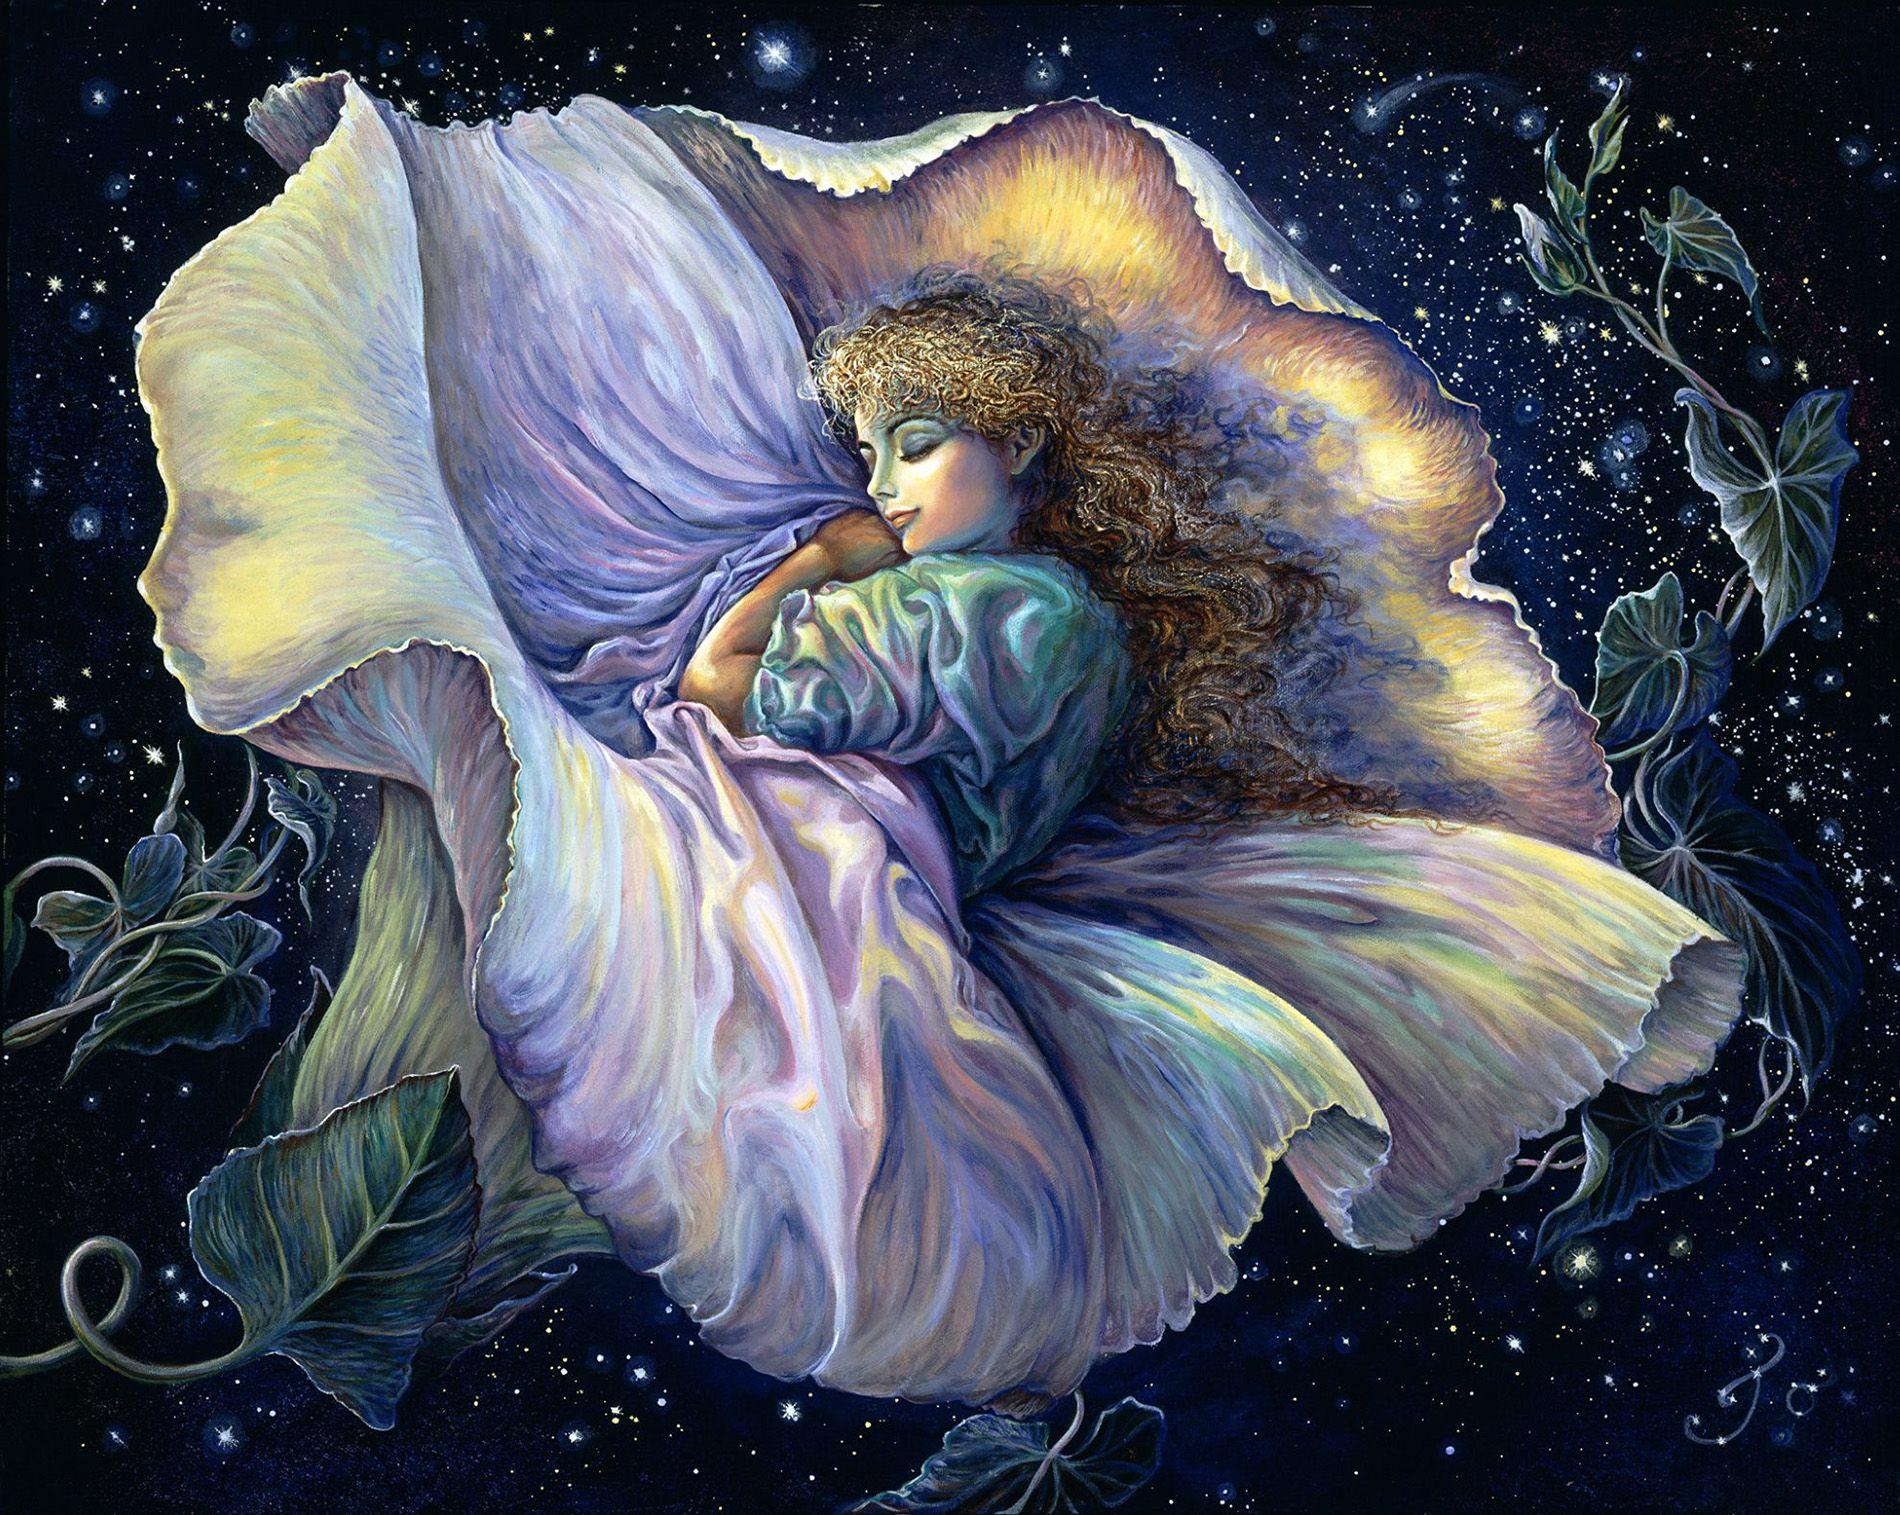 Волшебные сны картинки, марта